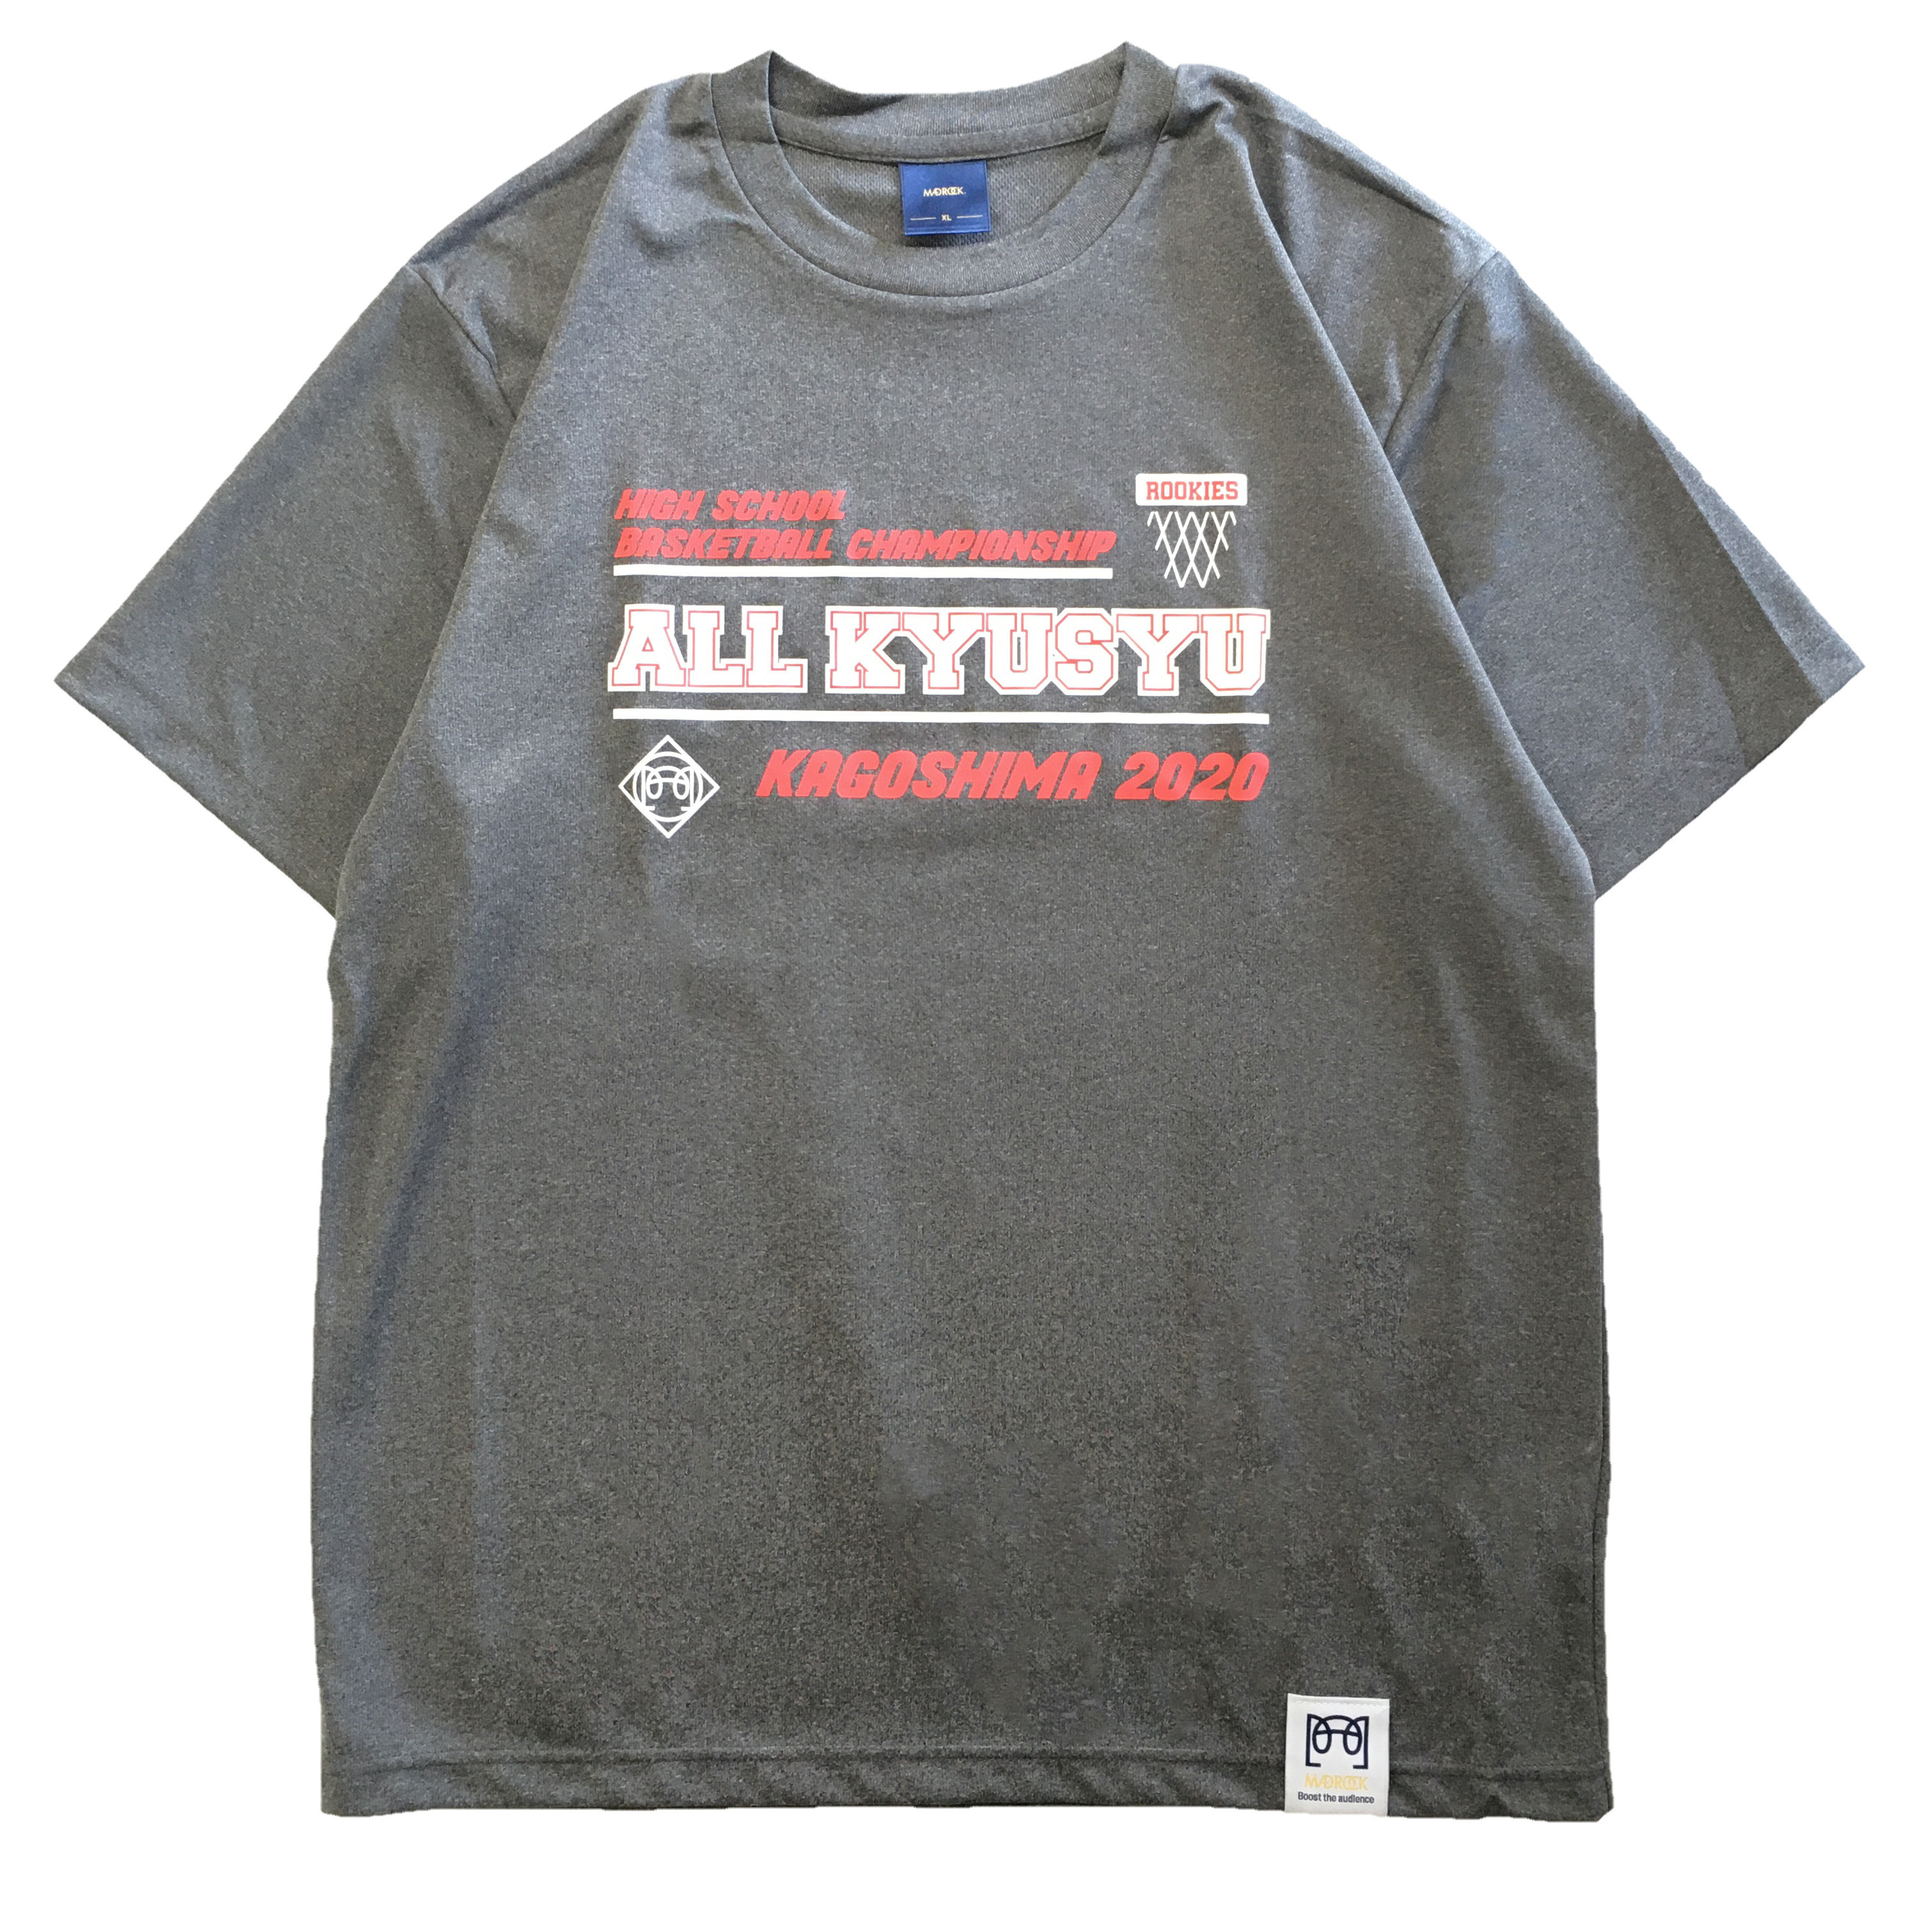 【記念Tシャツ】マッドロック / 九州新人大会記念  Tシャツ / ヘザーグレー